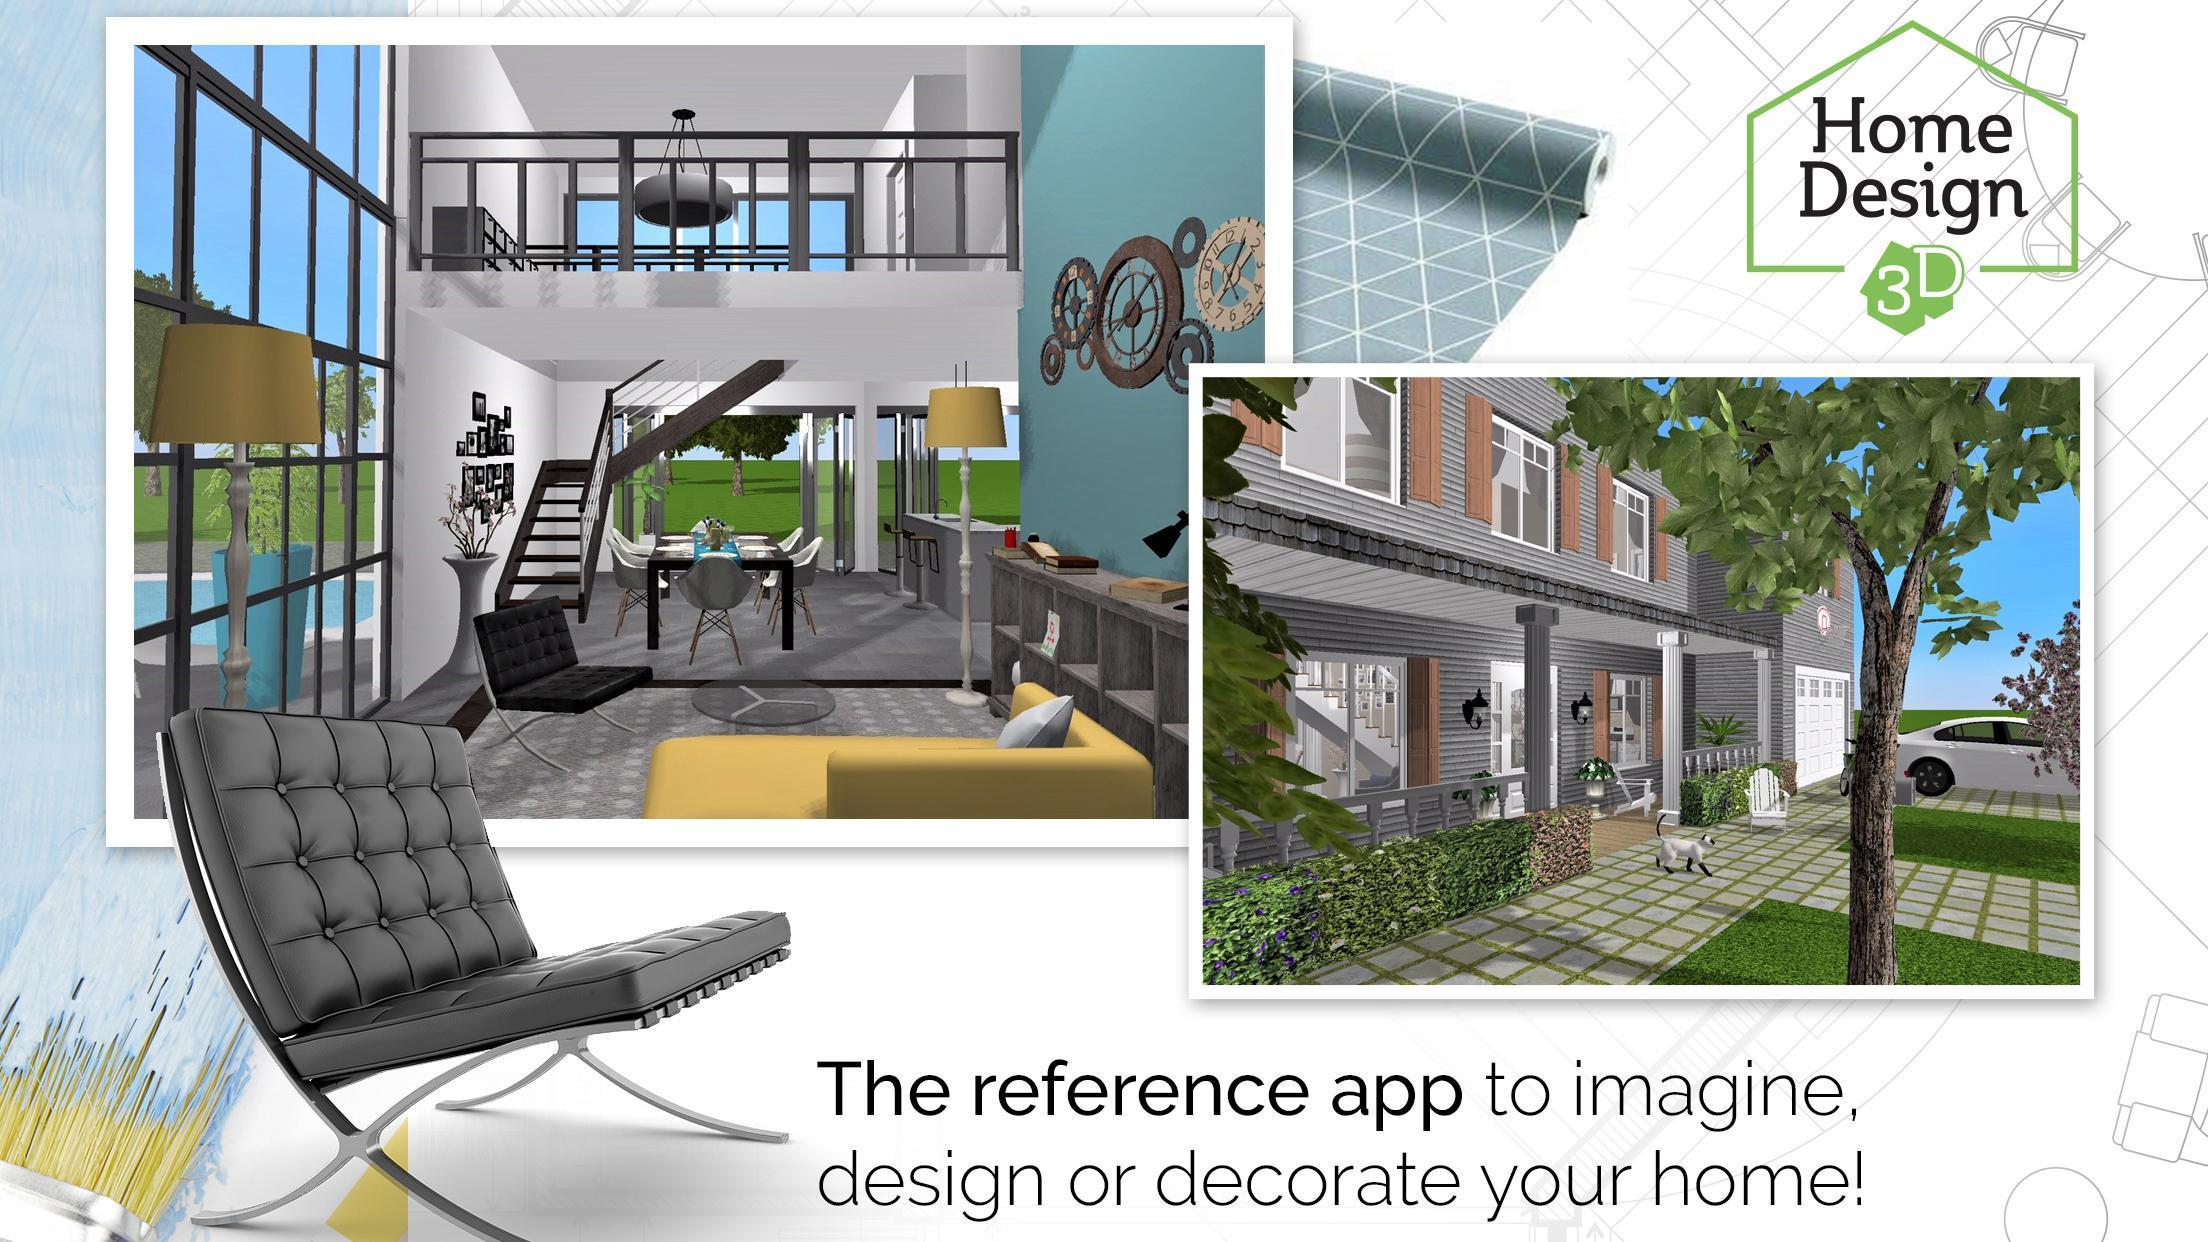 Home Design 3D 4.4.4 Screenshot 1